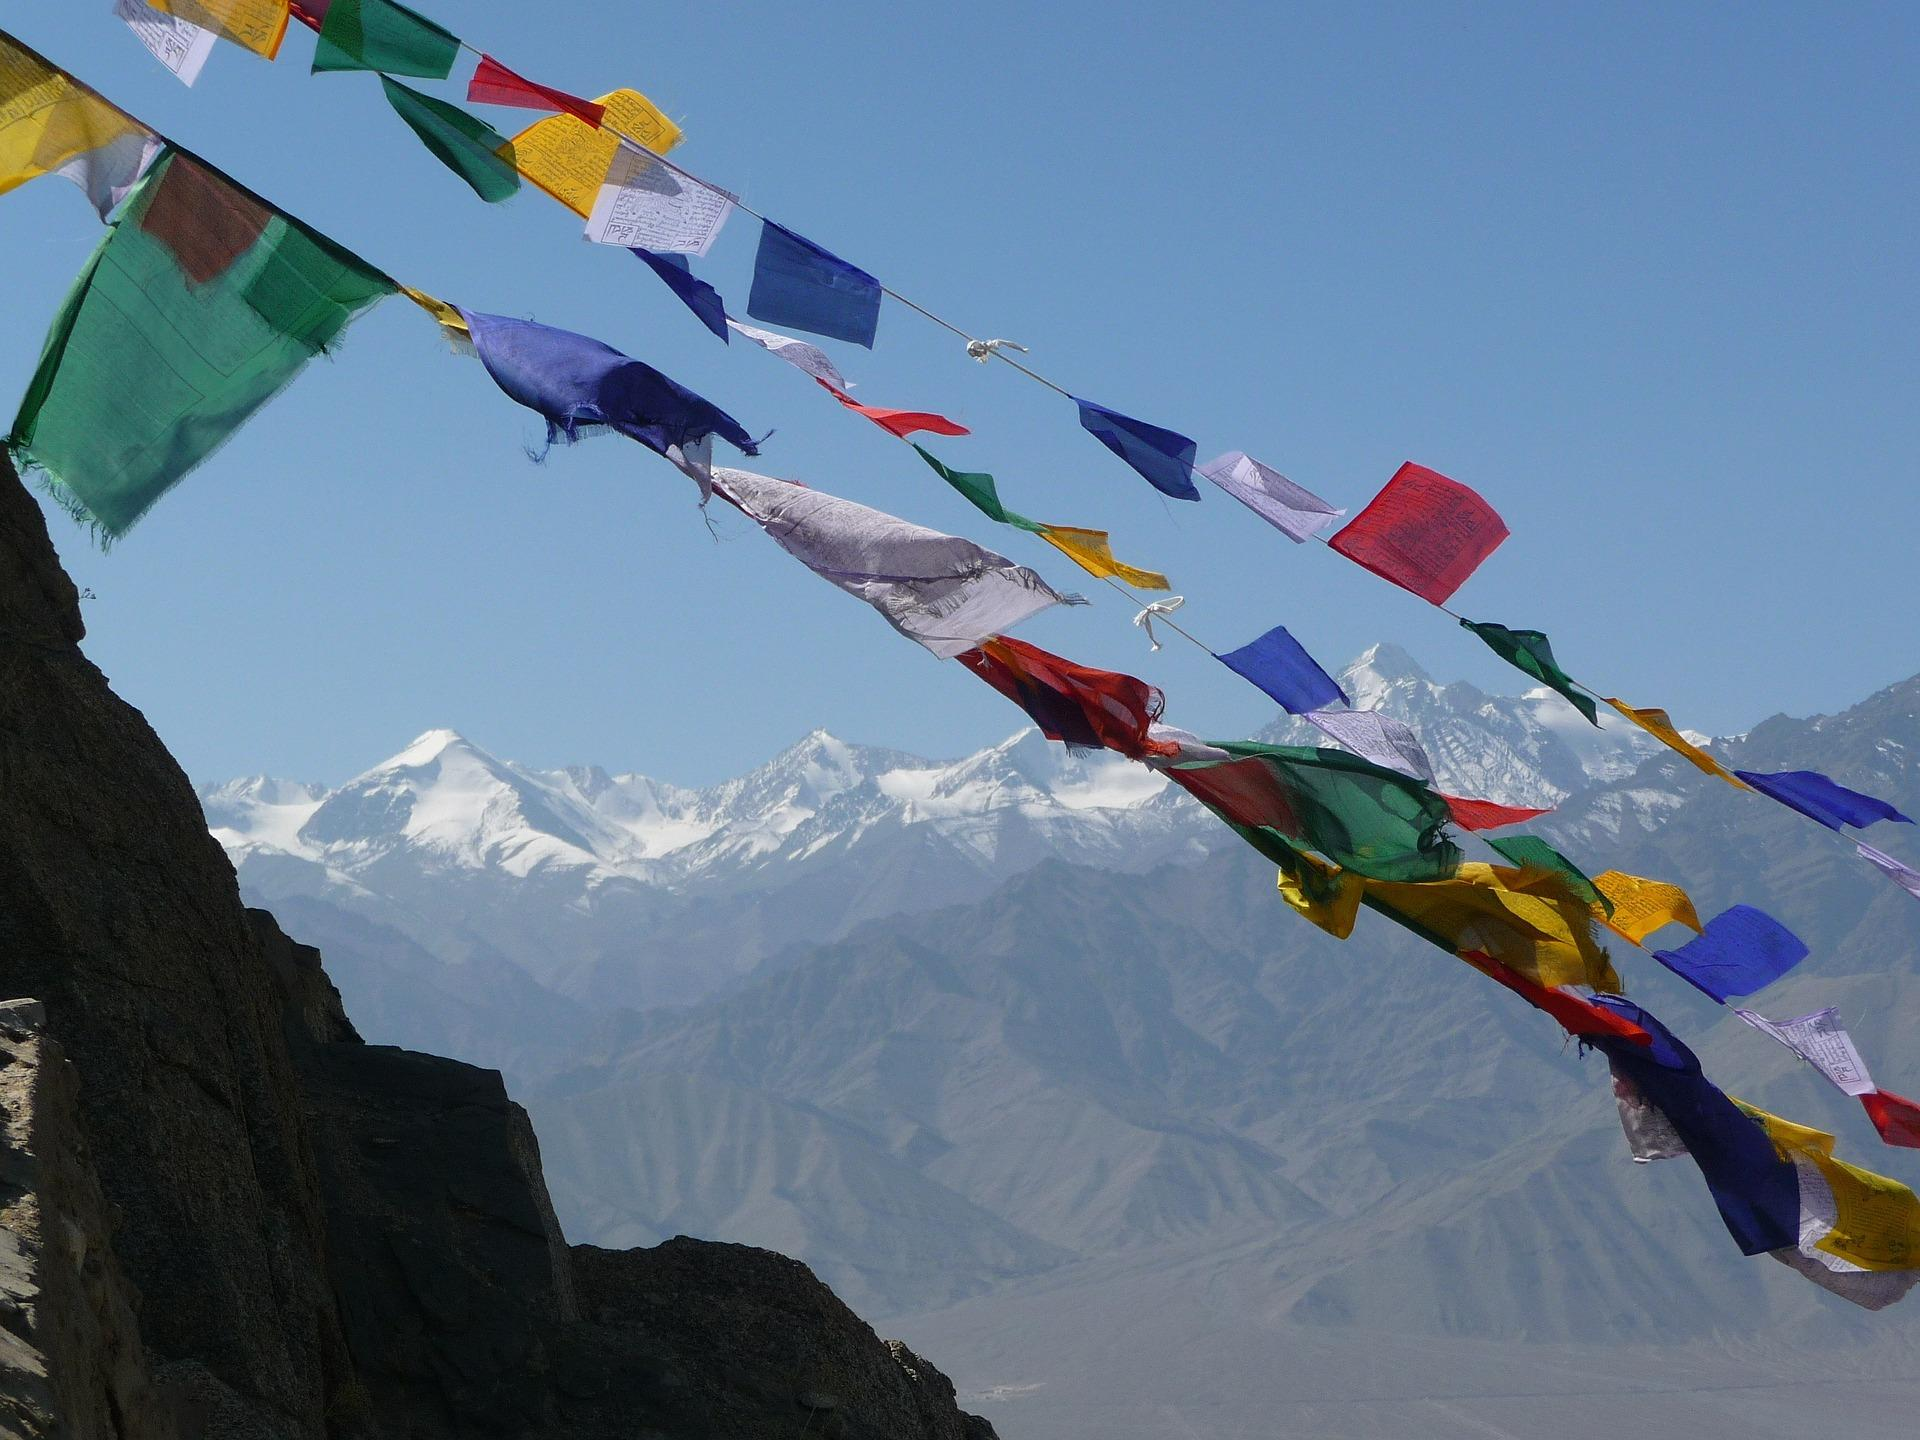 ladakh 397884 1920 - Initiation sur la montagne sacrée d'Arunachala [1ere partie]